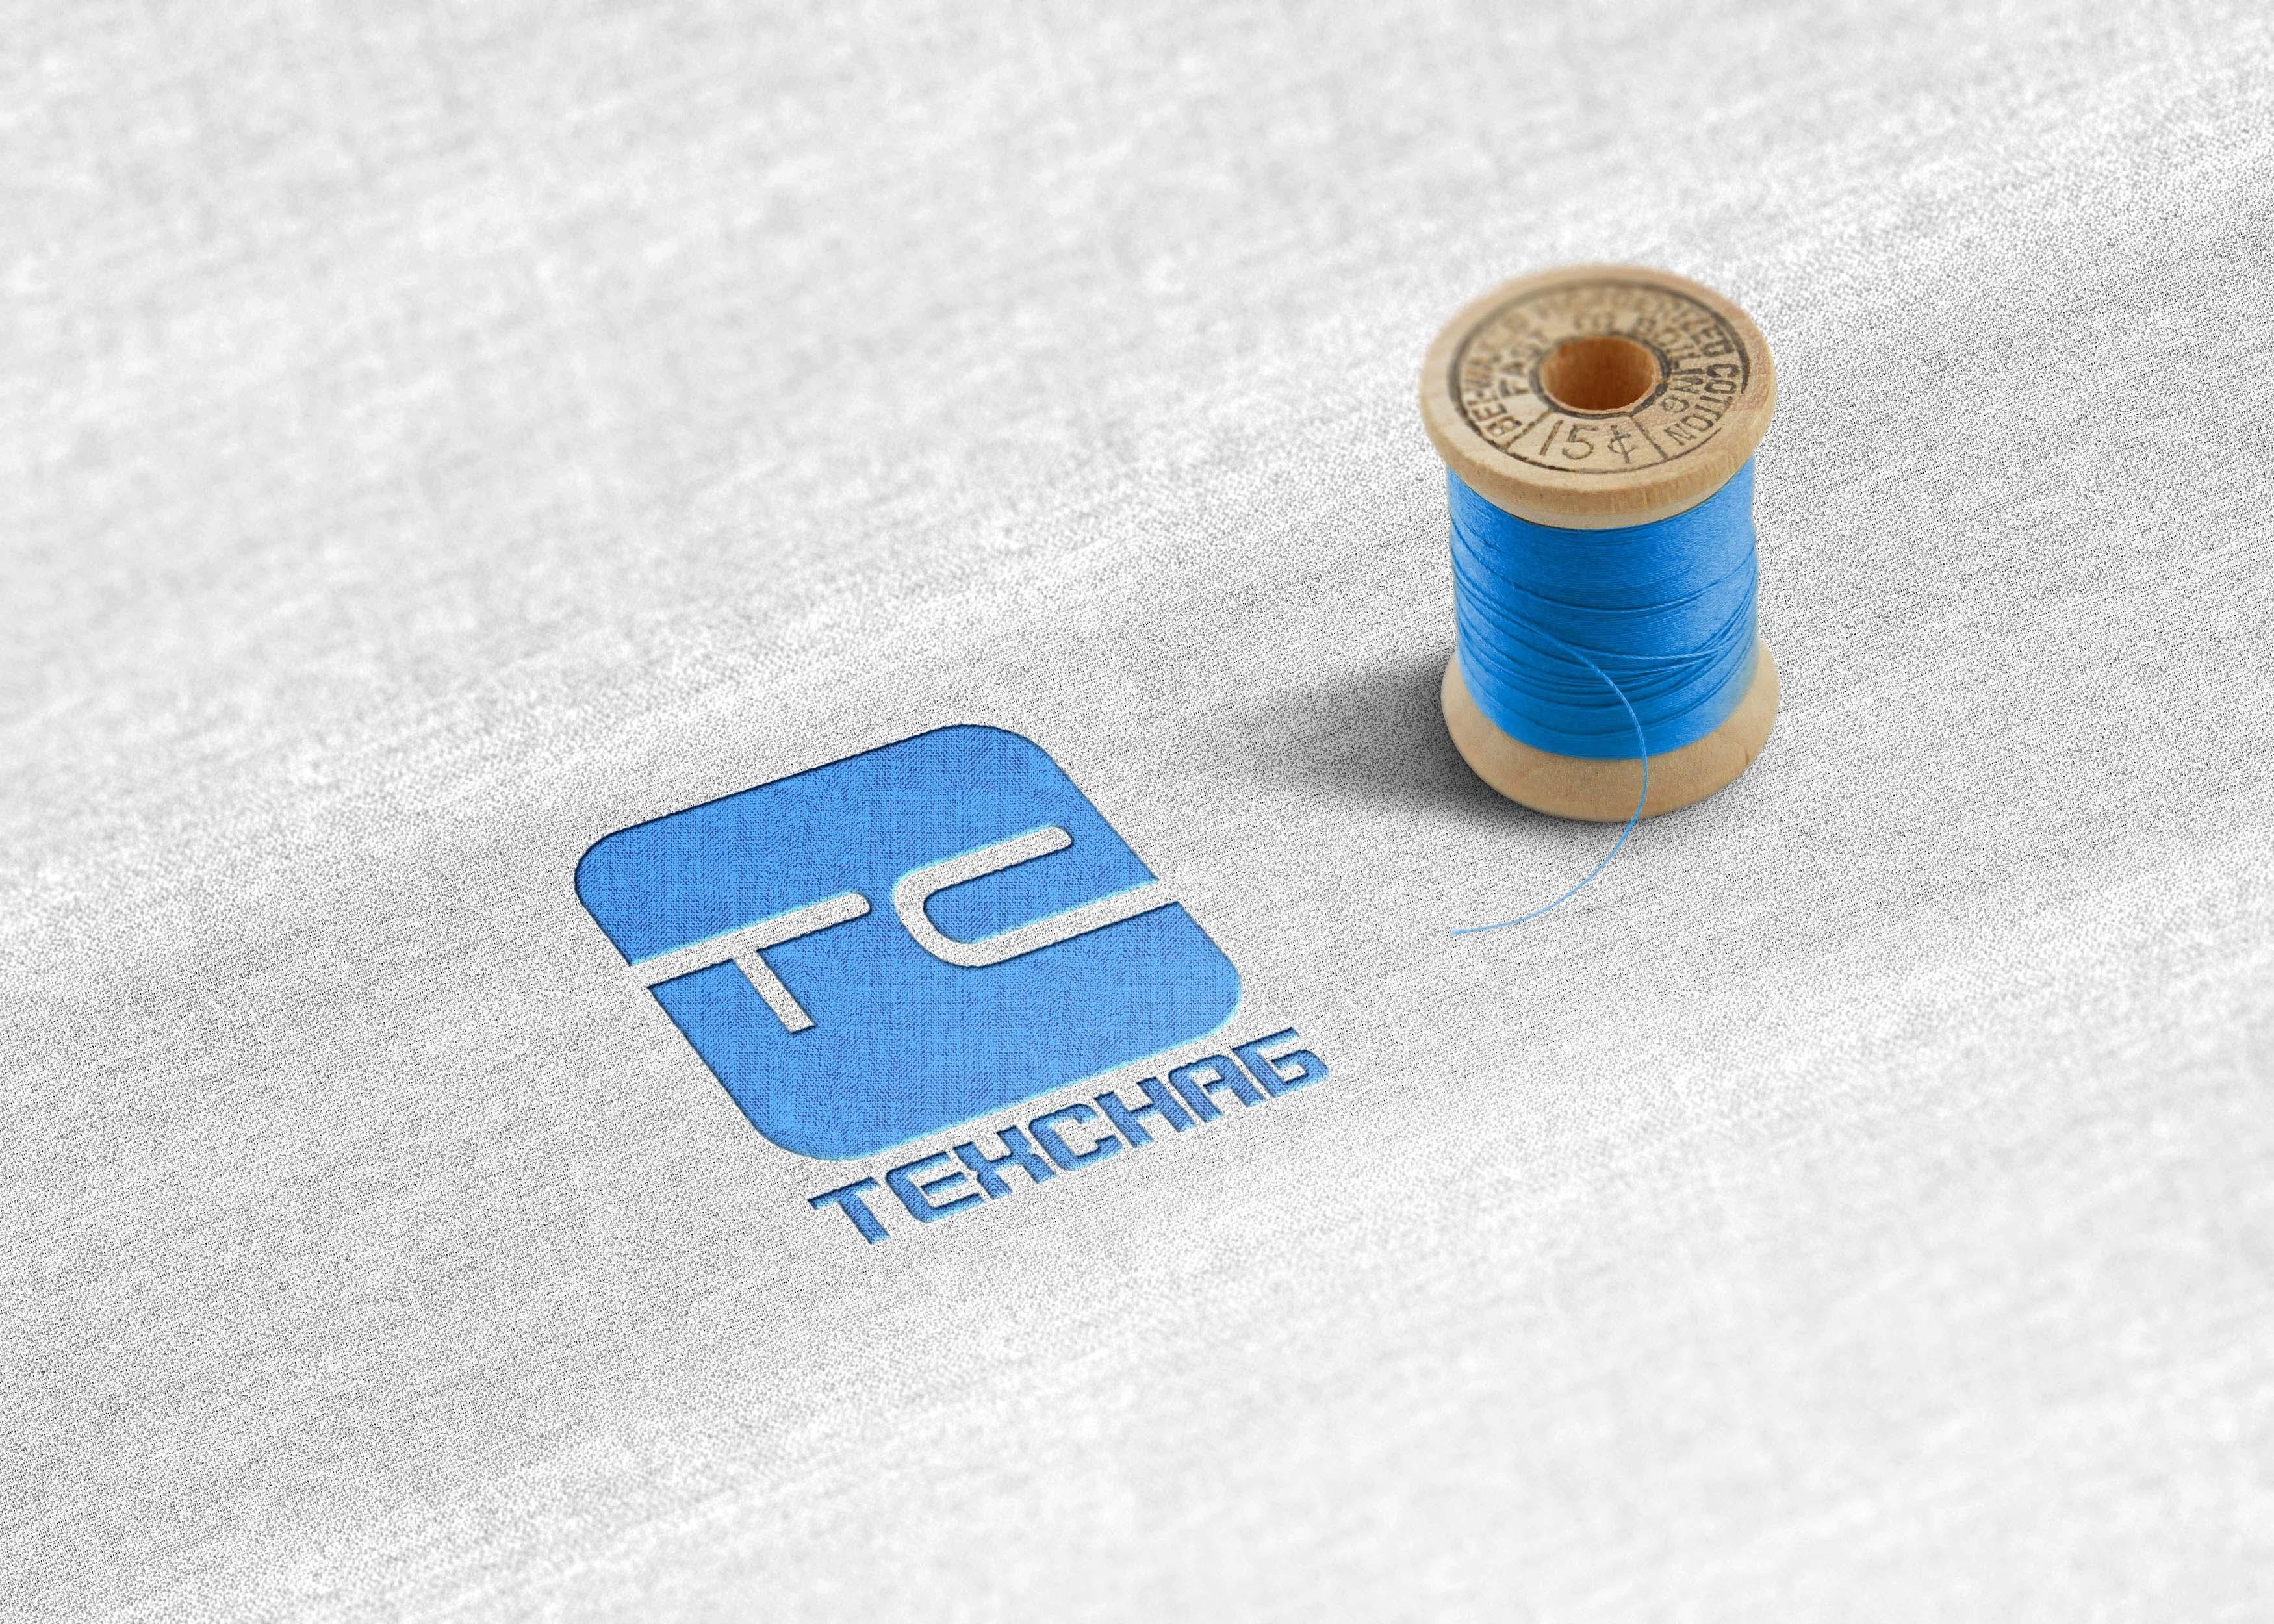 Разработка логотипа и фирм. стиля компании  ТЕХСНАБ фото f_3395b1f8d41d525d.jpg